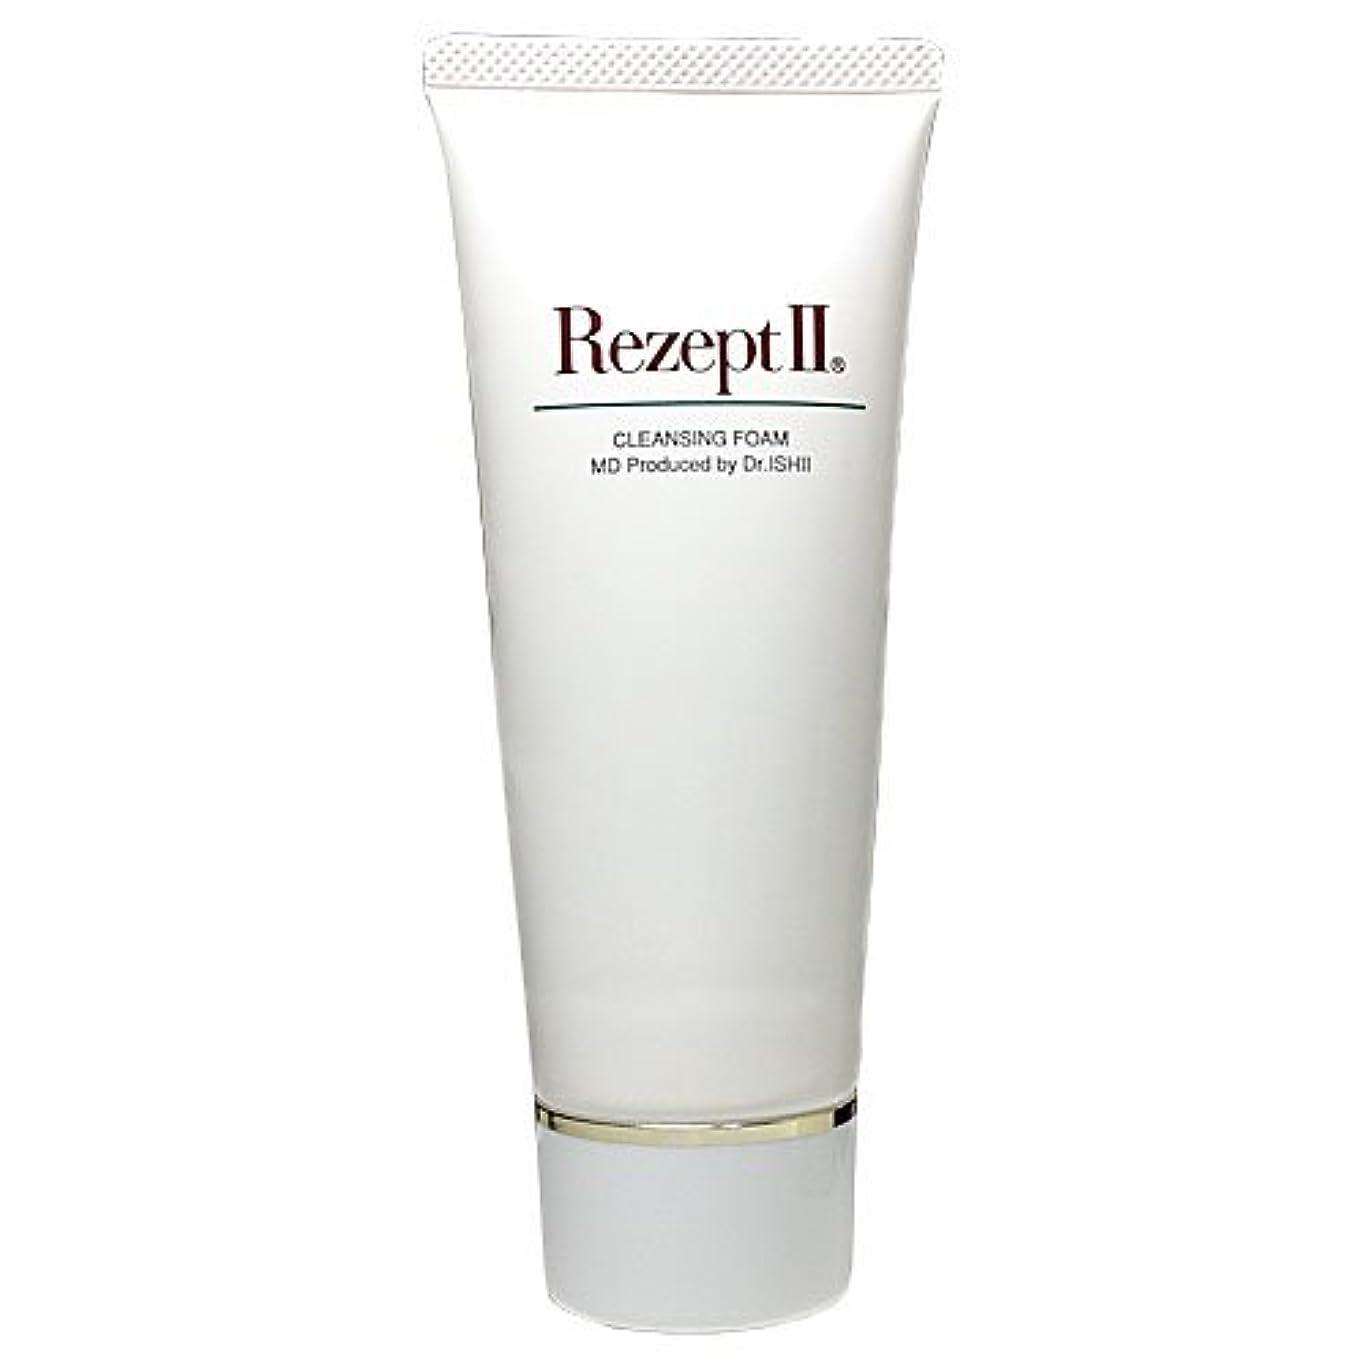 刺激する雄弁なアッパーMD化粧品 レセプト2 クレンジングフォーム 洗顔料 115g